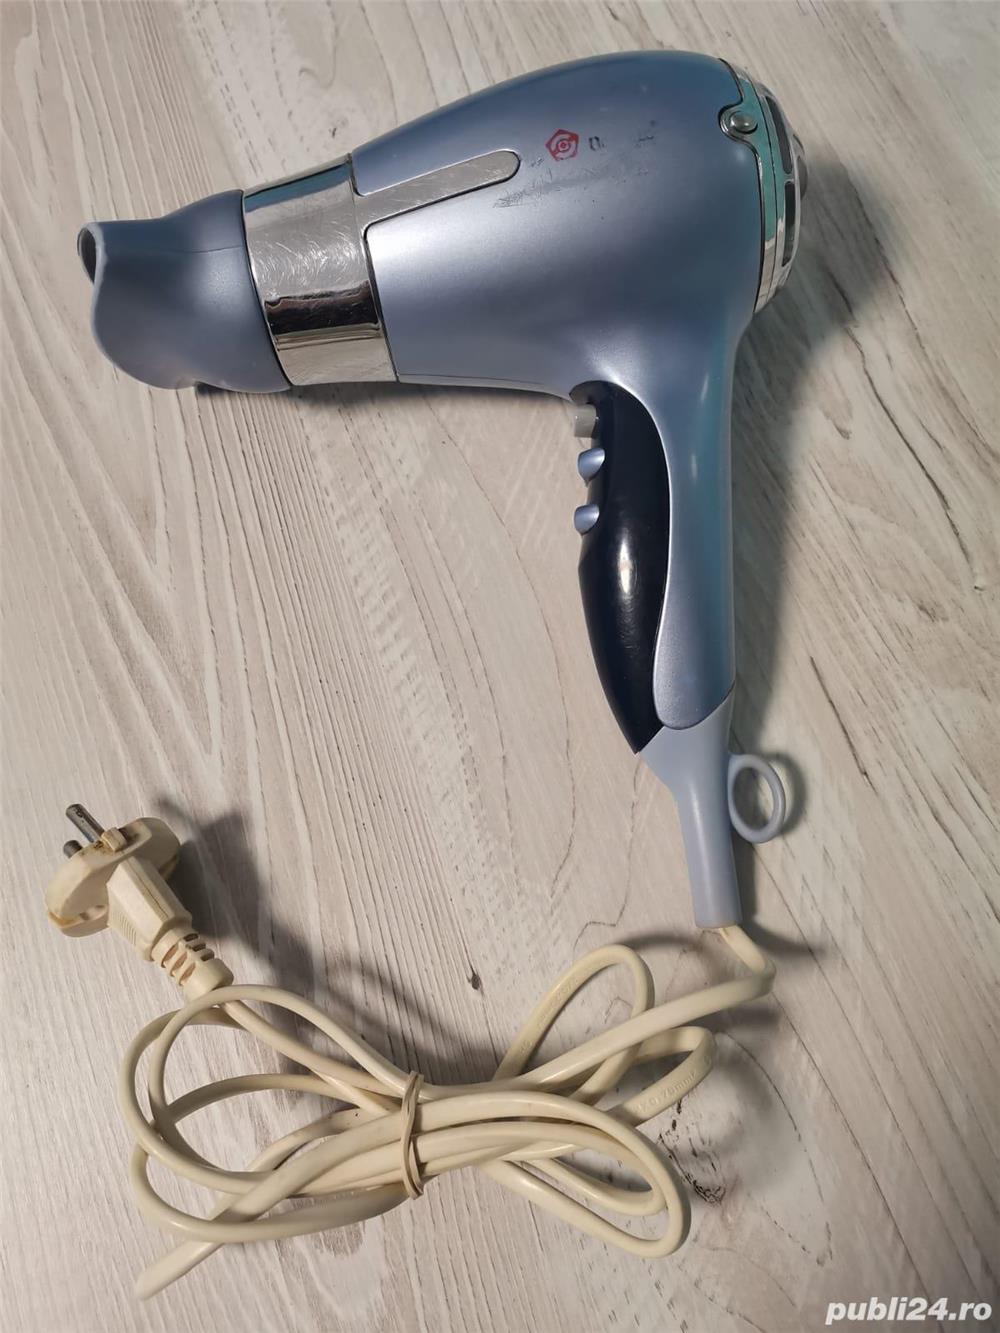 Uscător de păr DOMOTEC, model MS-4388 (asigur transport în toată țara)